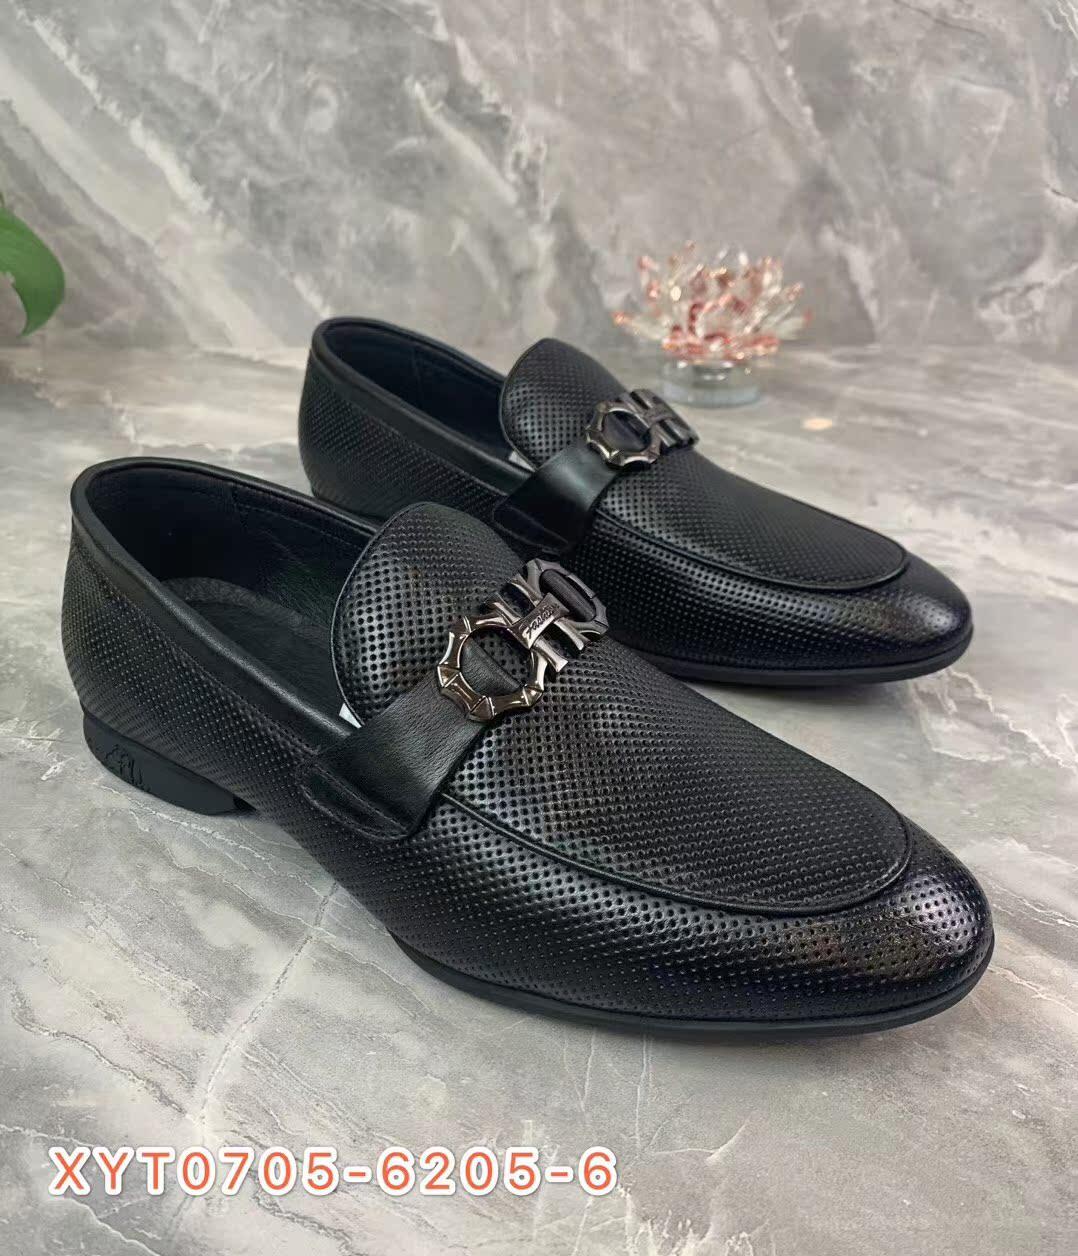 【西亚图】20年夏款一脚蹬真皮鞋休闲鞋商务正装皮鞋鞋潮流透气